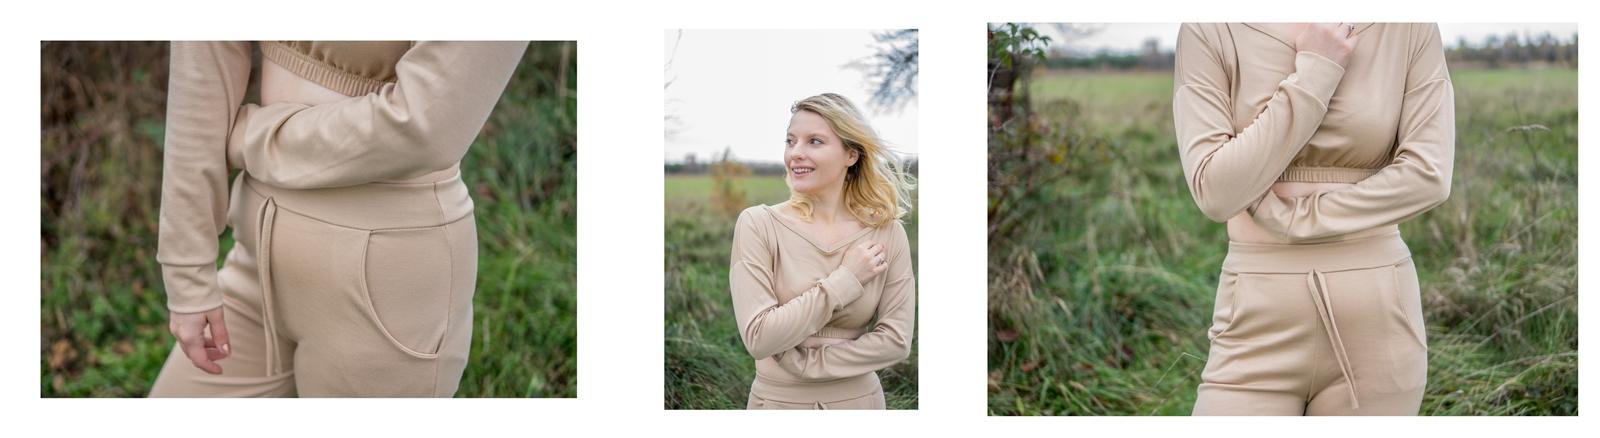 4 stylizacja z beżowymi spodniami dresowymi karmelowa piaskowa bluza dresowa idealna na jesień w czym na siłownię modne dresy zestawy komplety dresowe wygodne na podróż